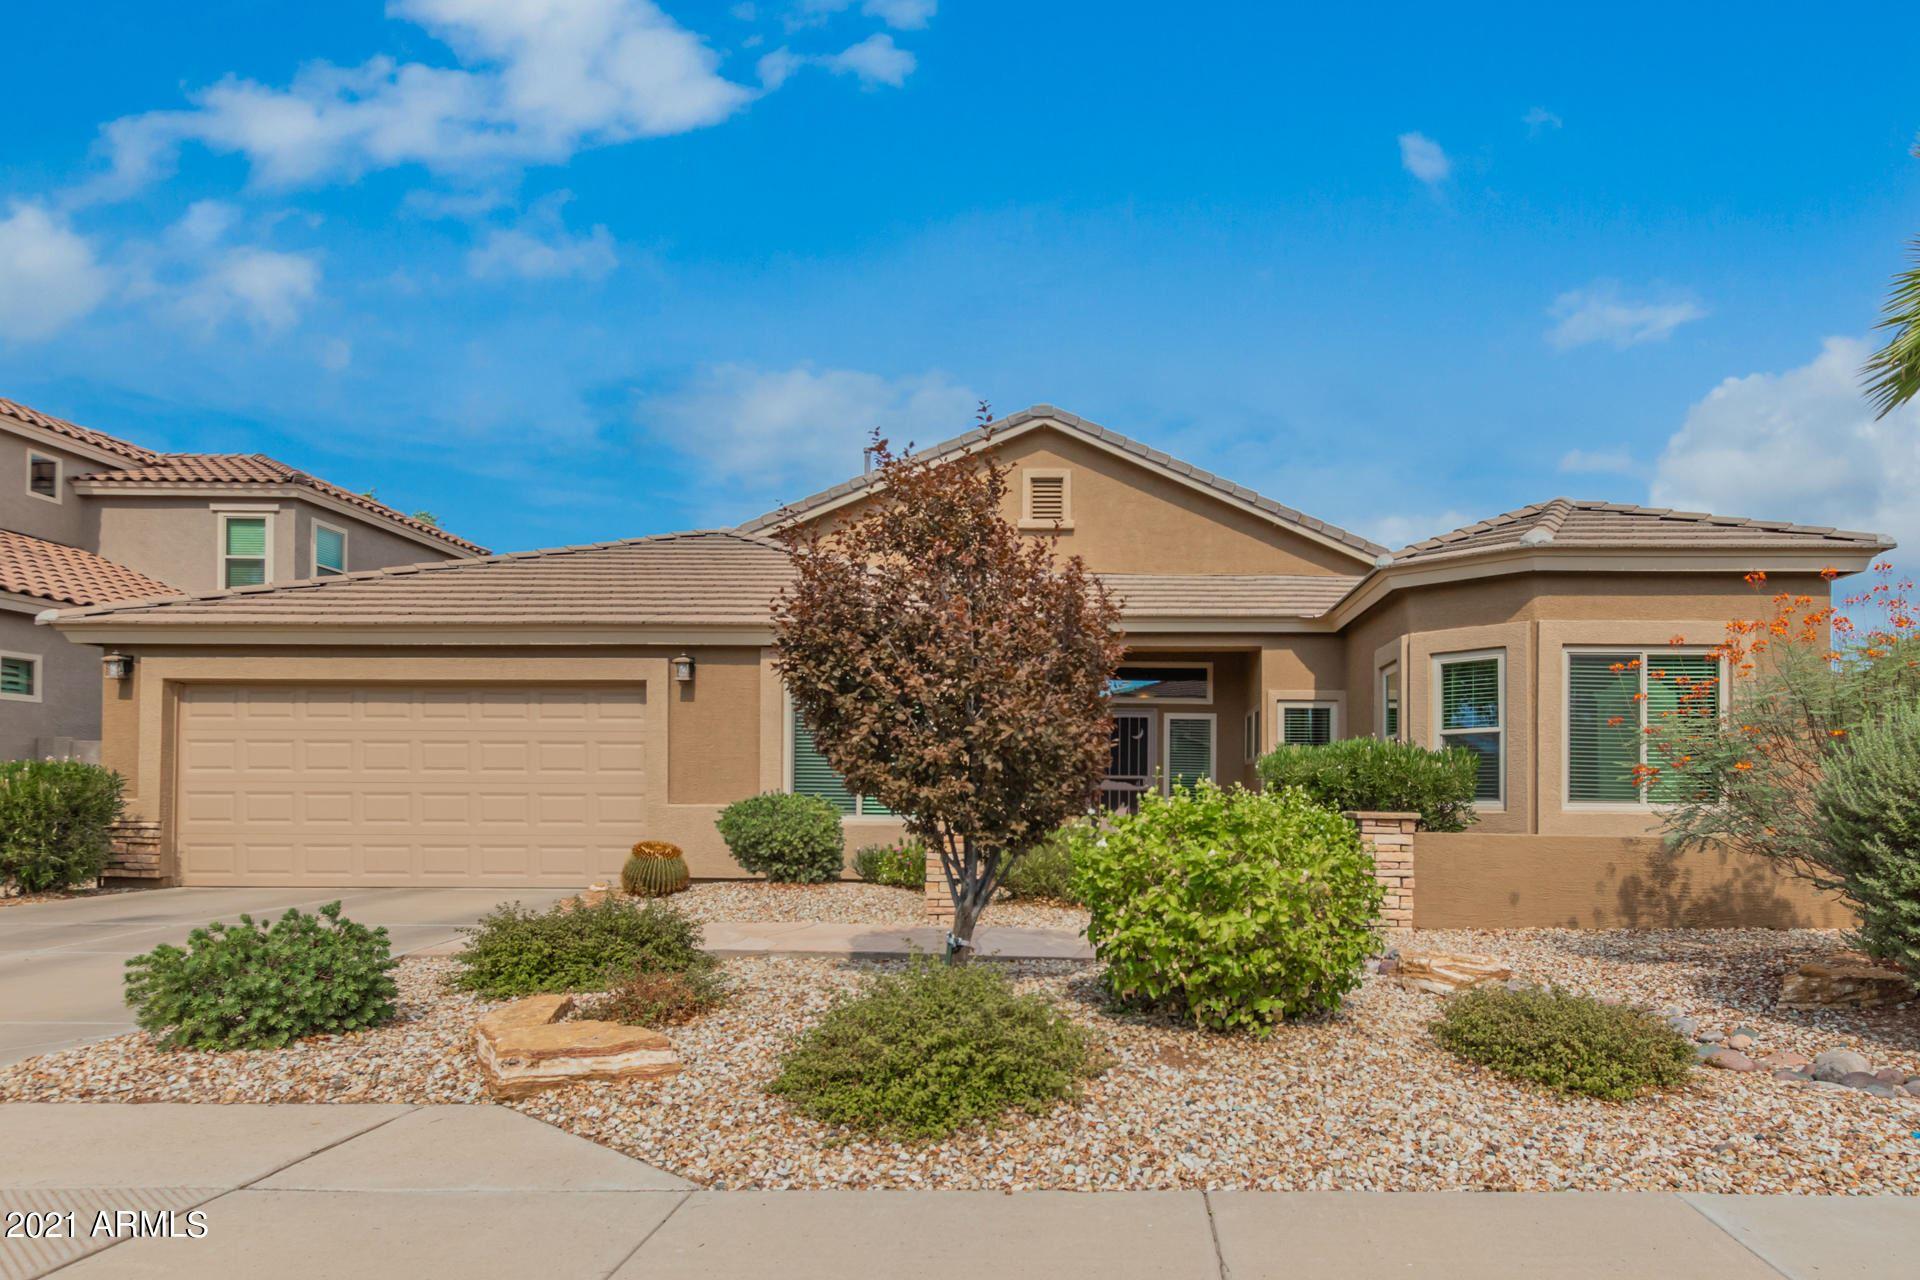 2751 S DREXEL --, Mesa, AZ 85209 - MLS#: 6273004